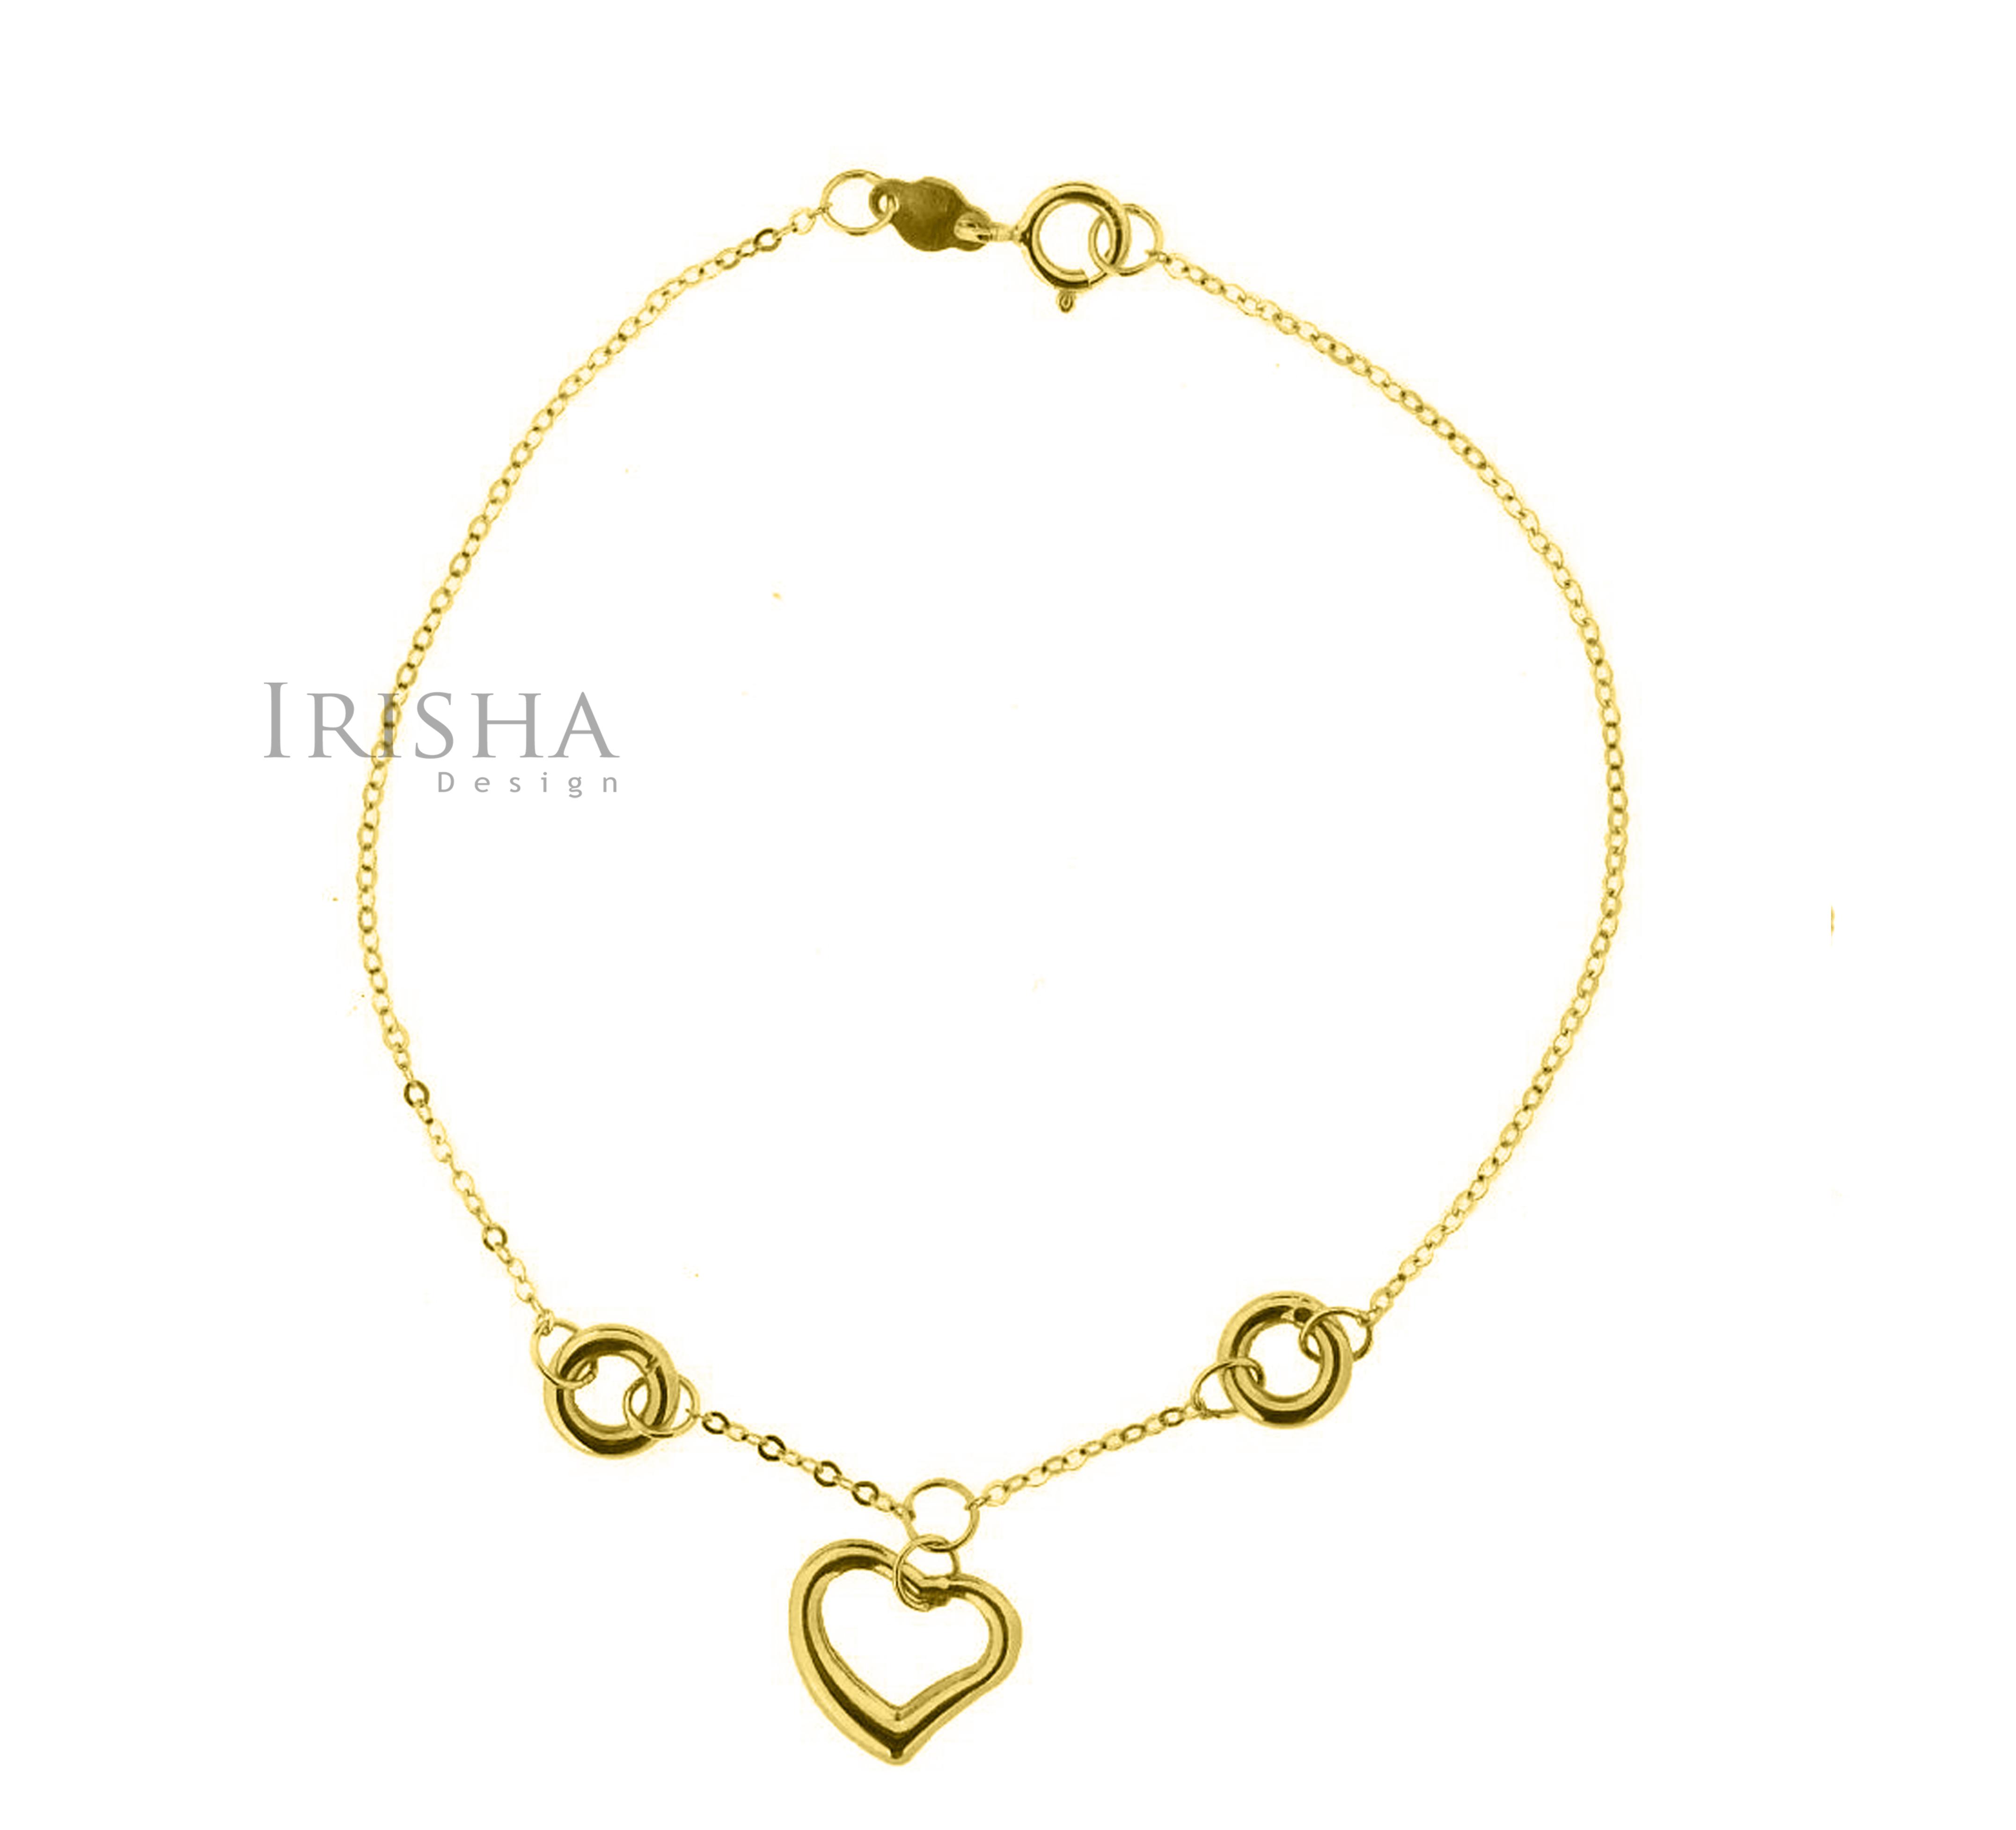 14K Solid Plain Gold Love Heart Chain Handmade Mother's Day Bracelet For MOM